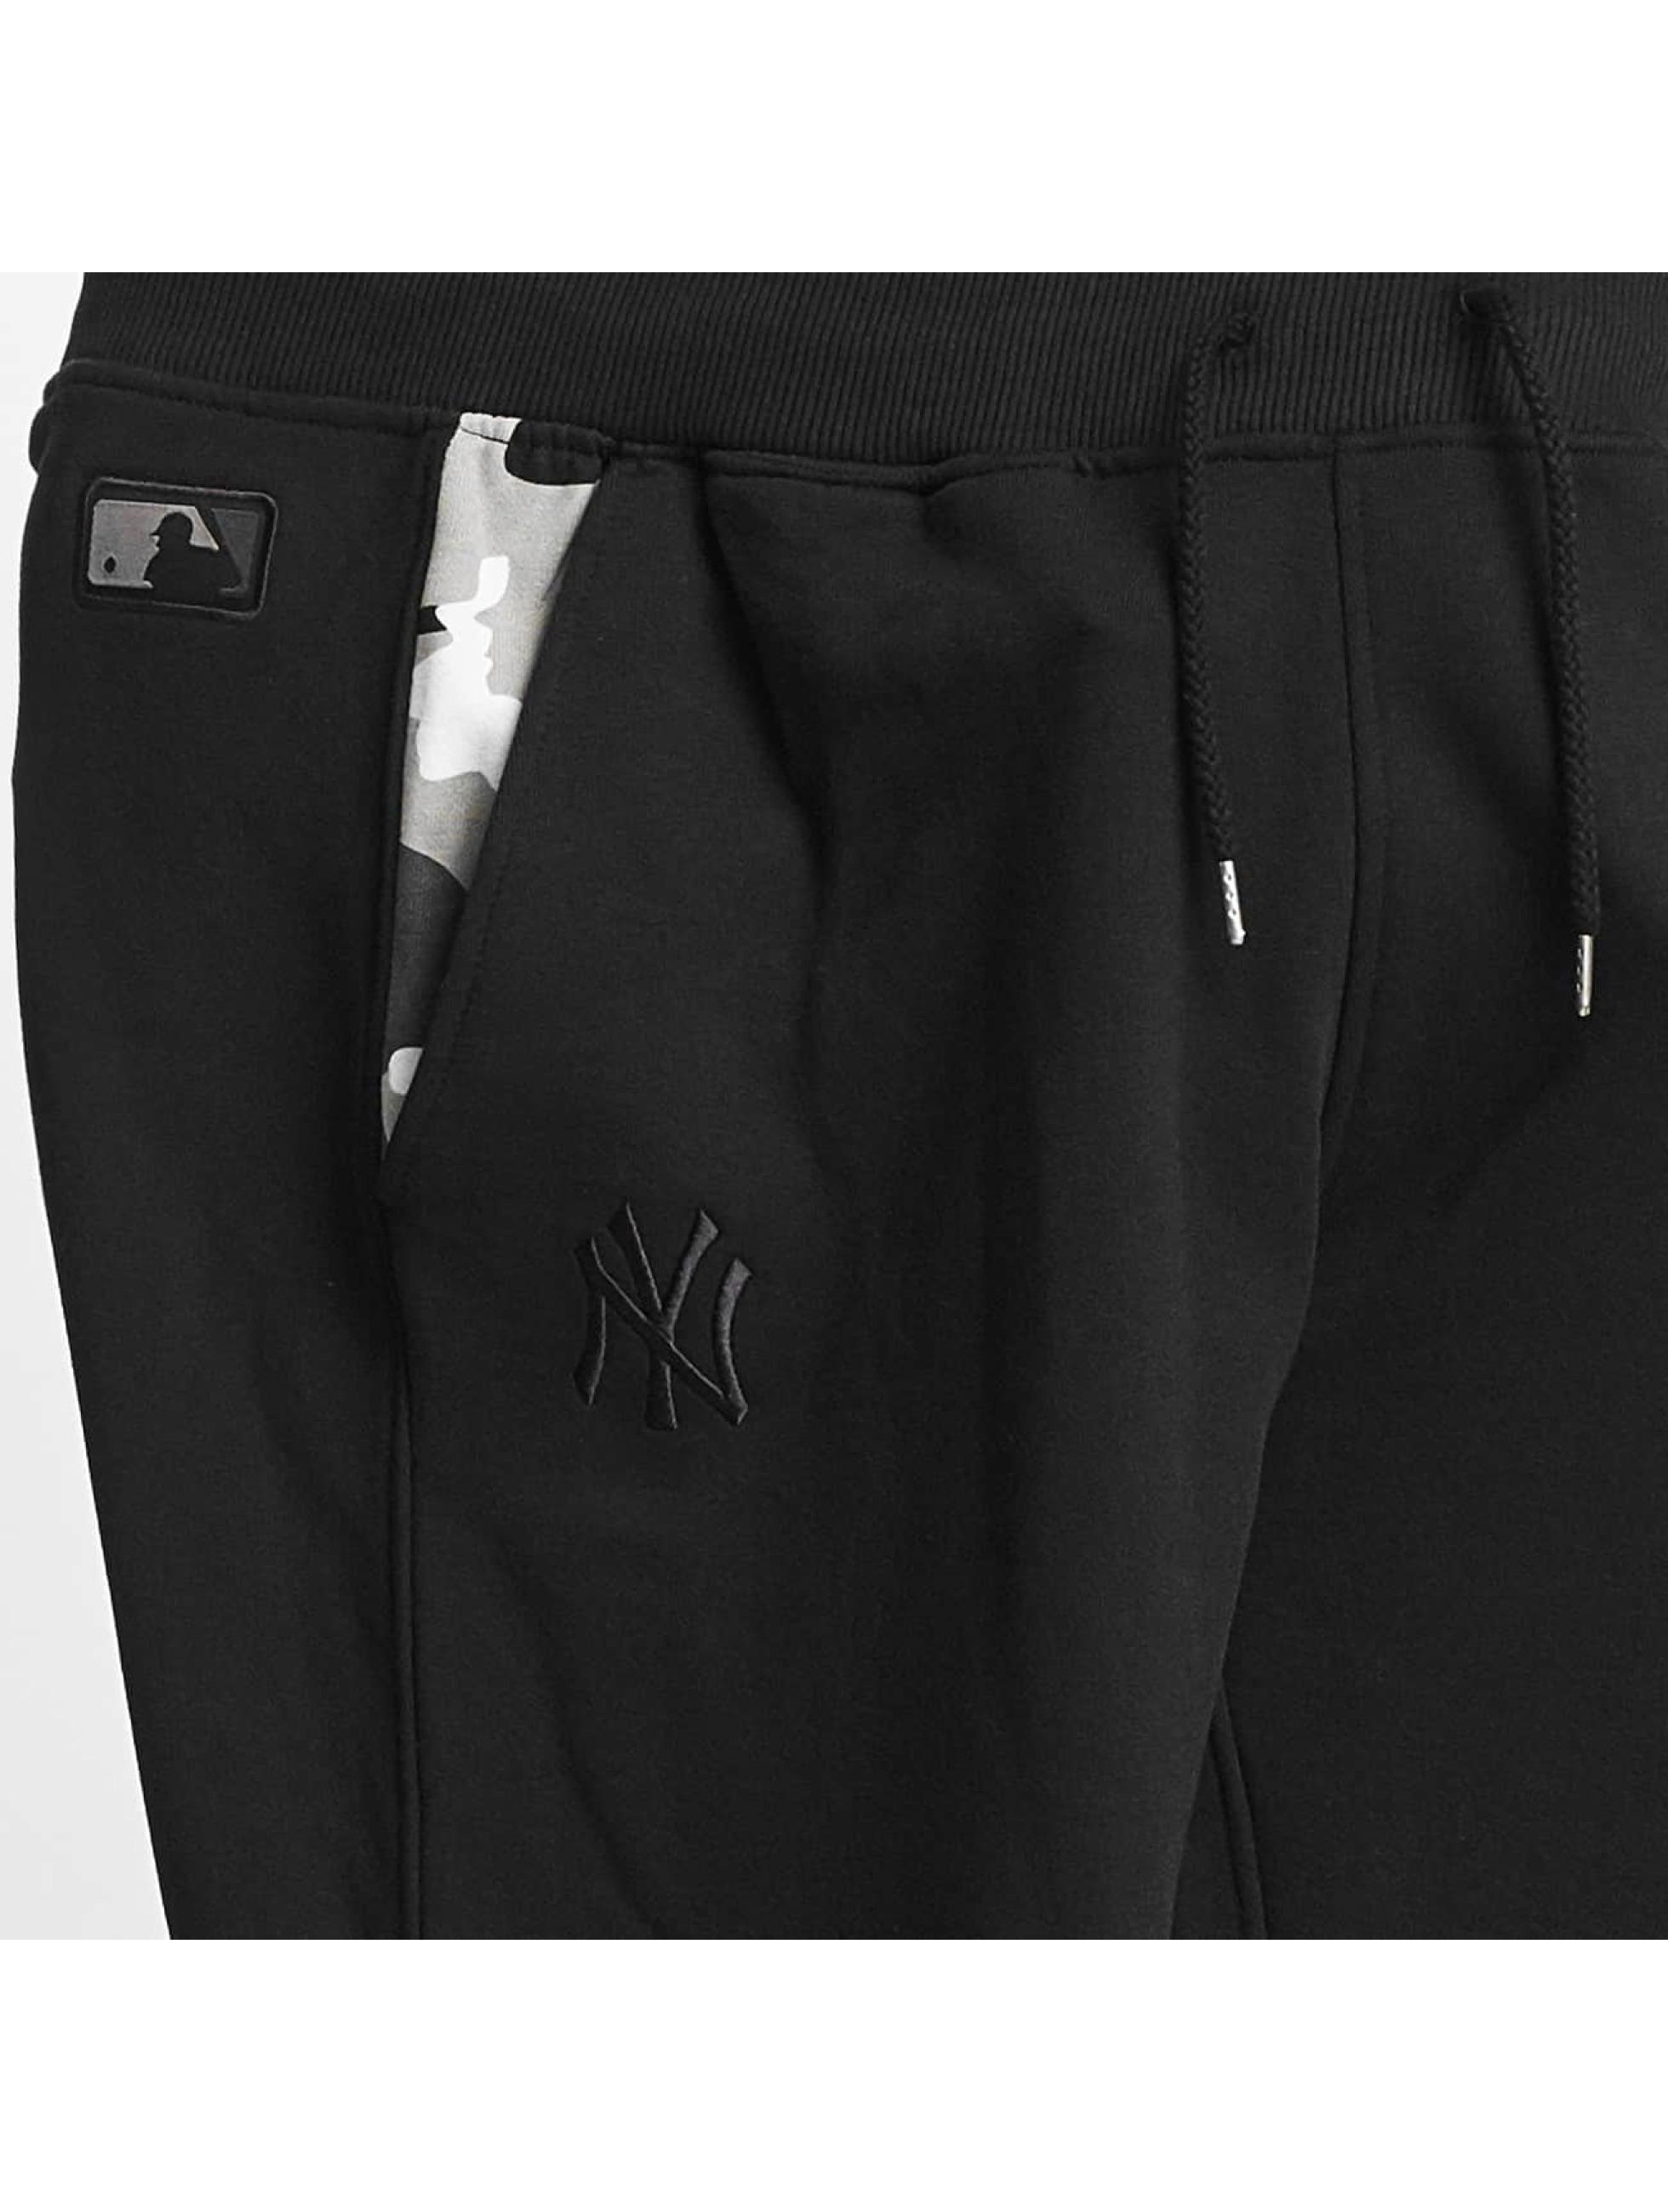 New Era Jogginghose NY Yankees schwarz